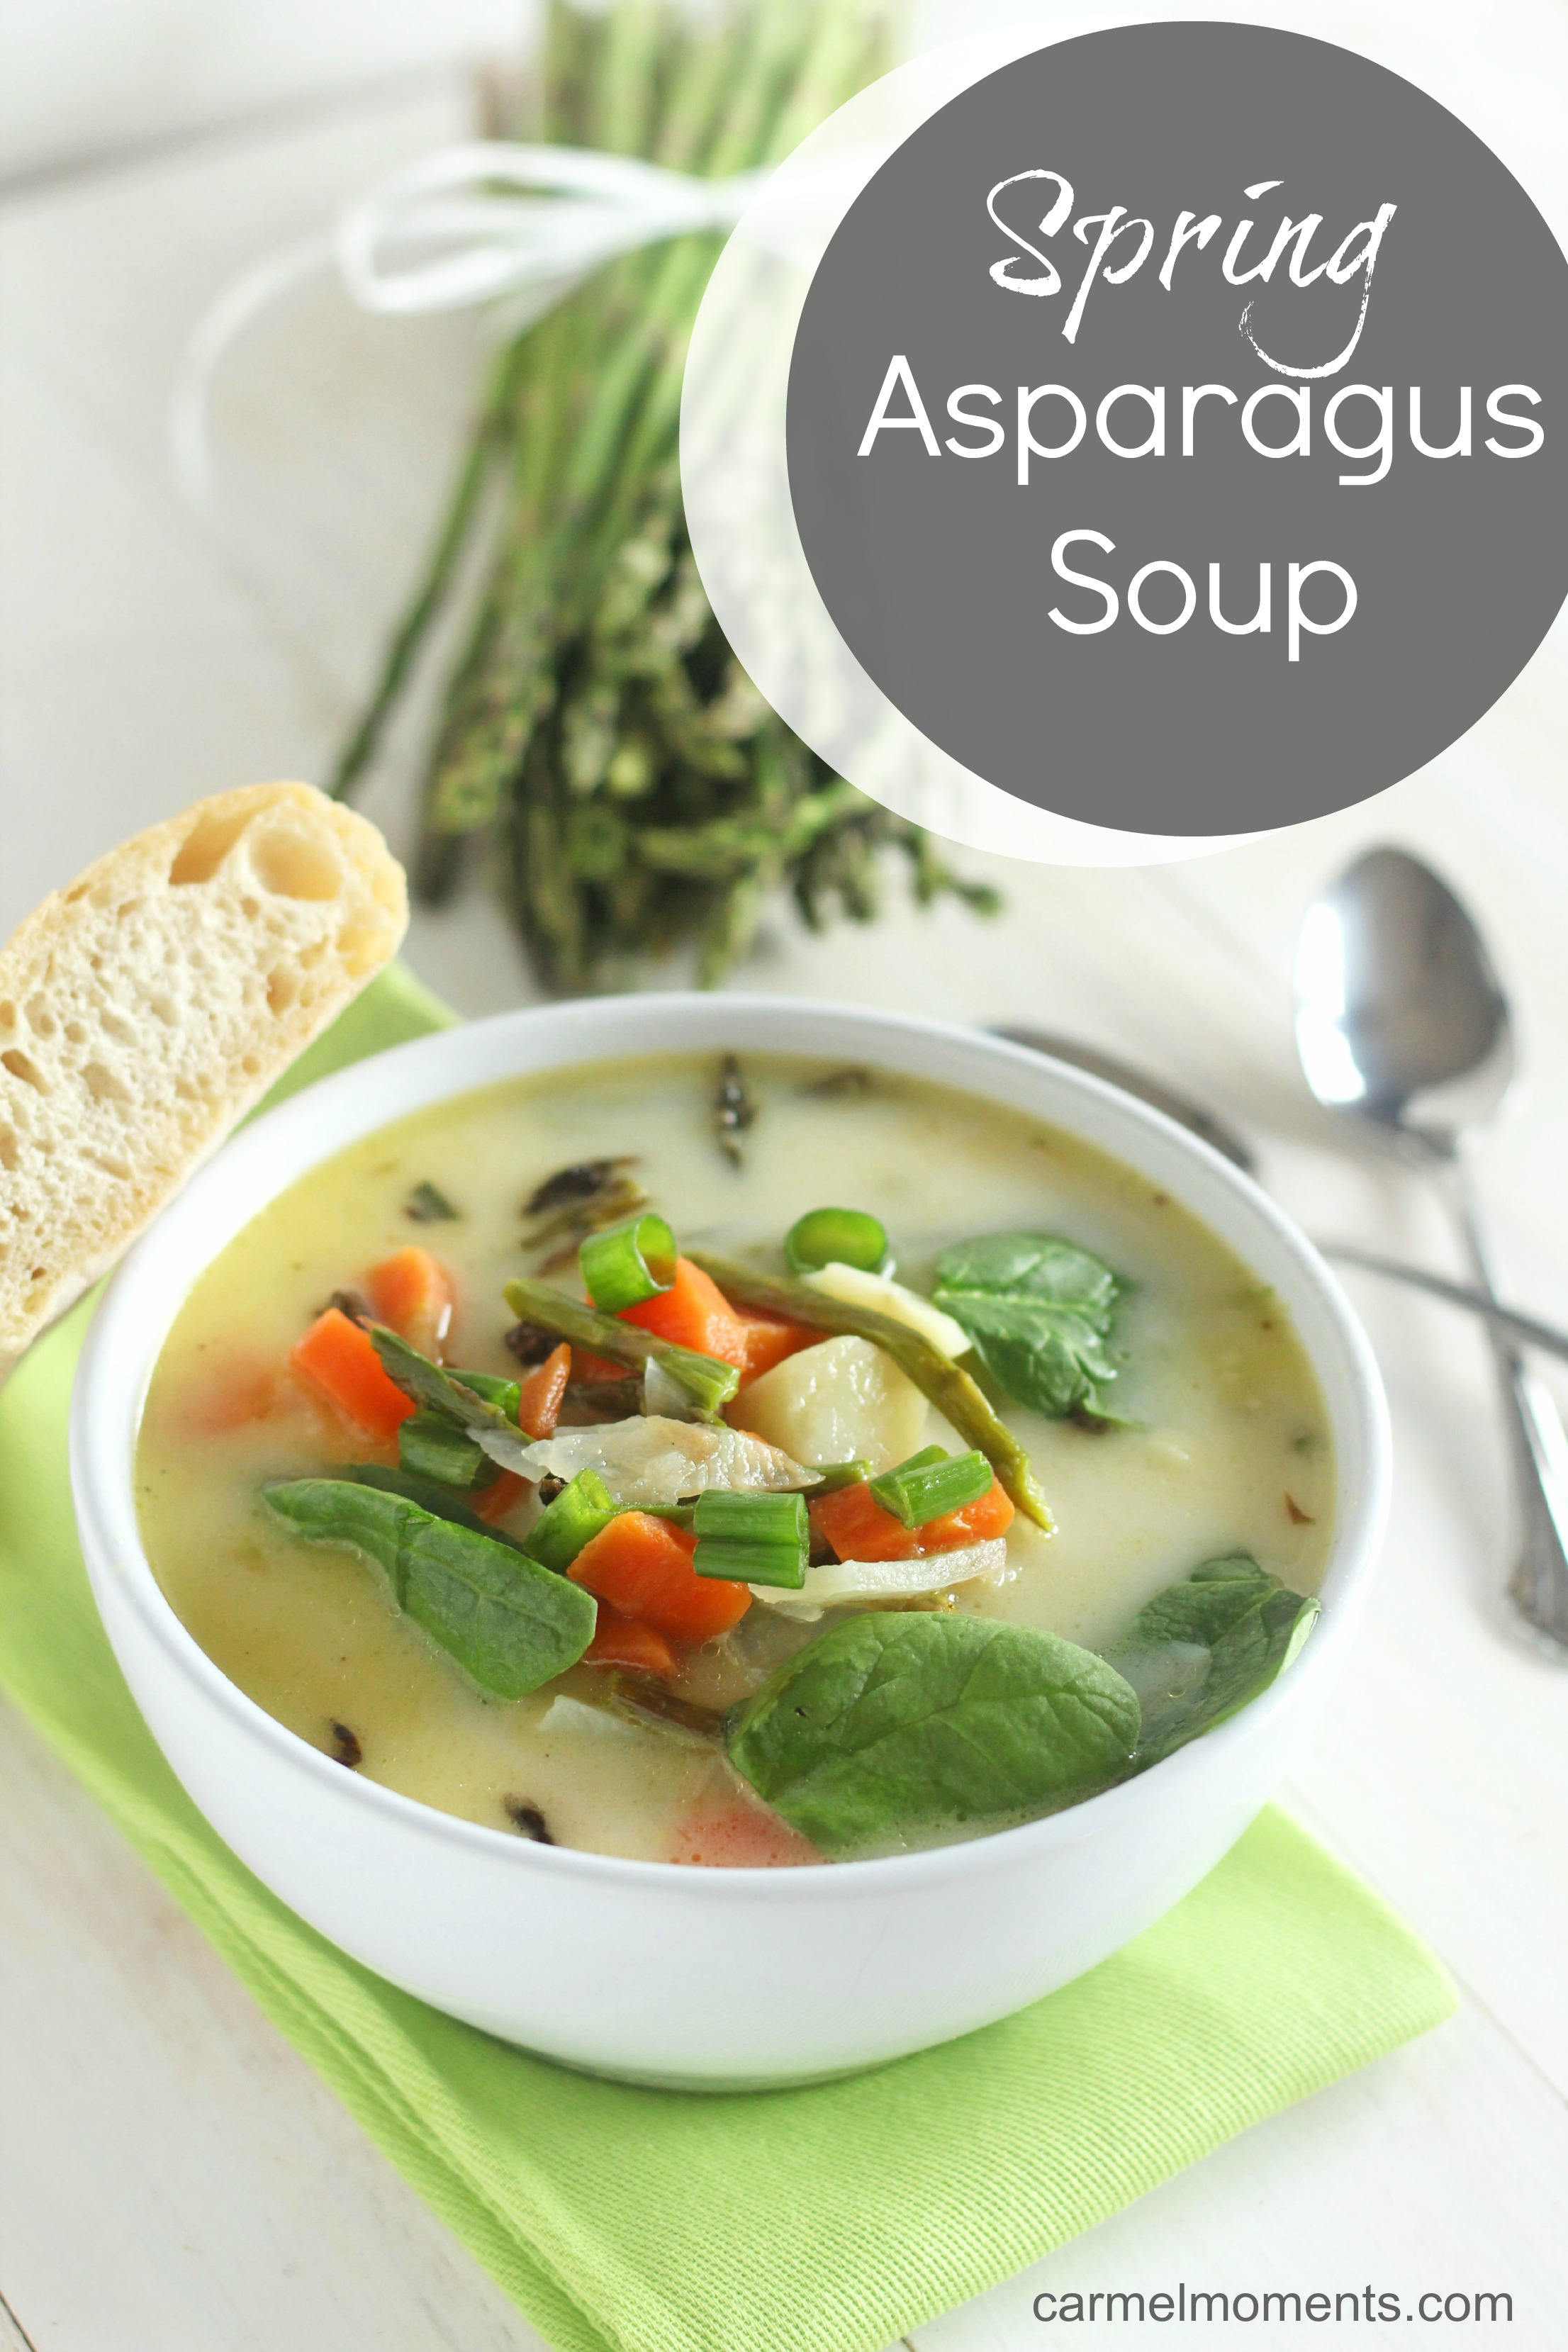 Asparagus cream soup with shrimps, quick recipe 74